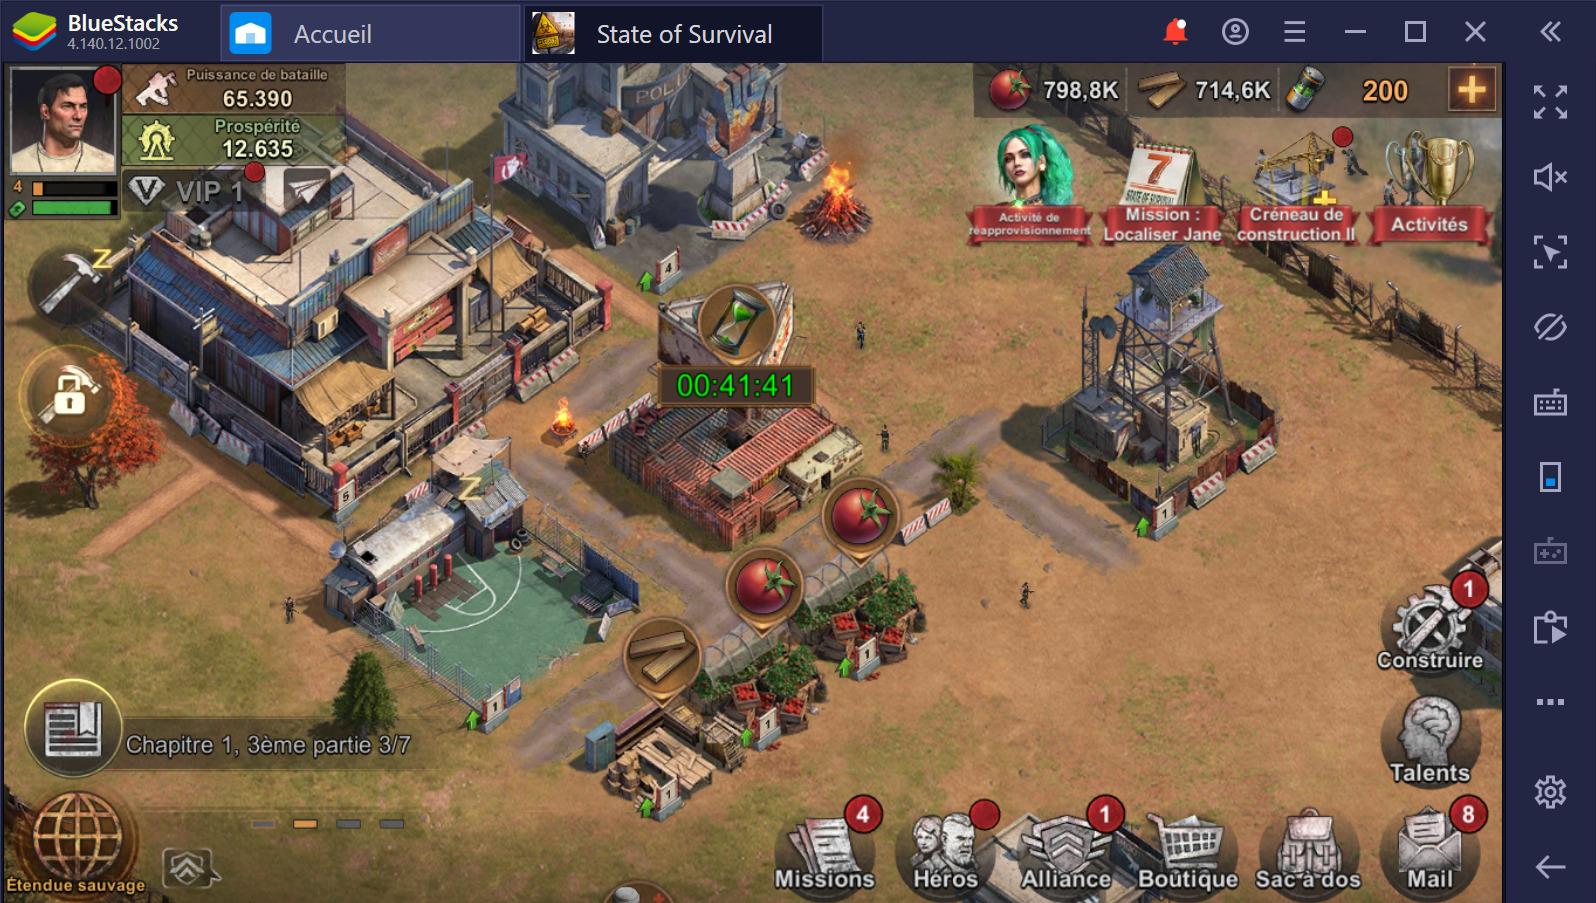 State of Survival sur PC : trucs et astuces pour survivre à la menace zombie